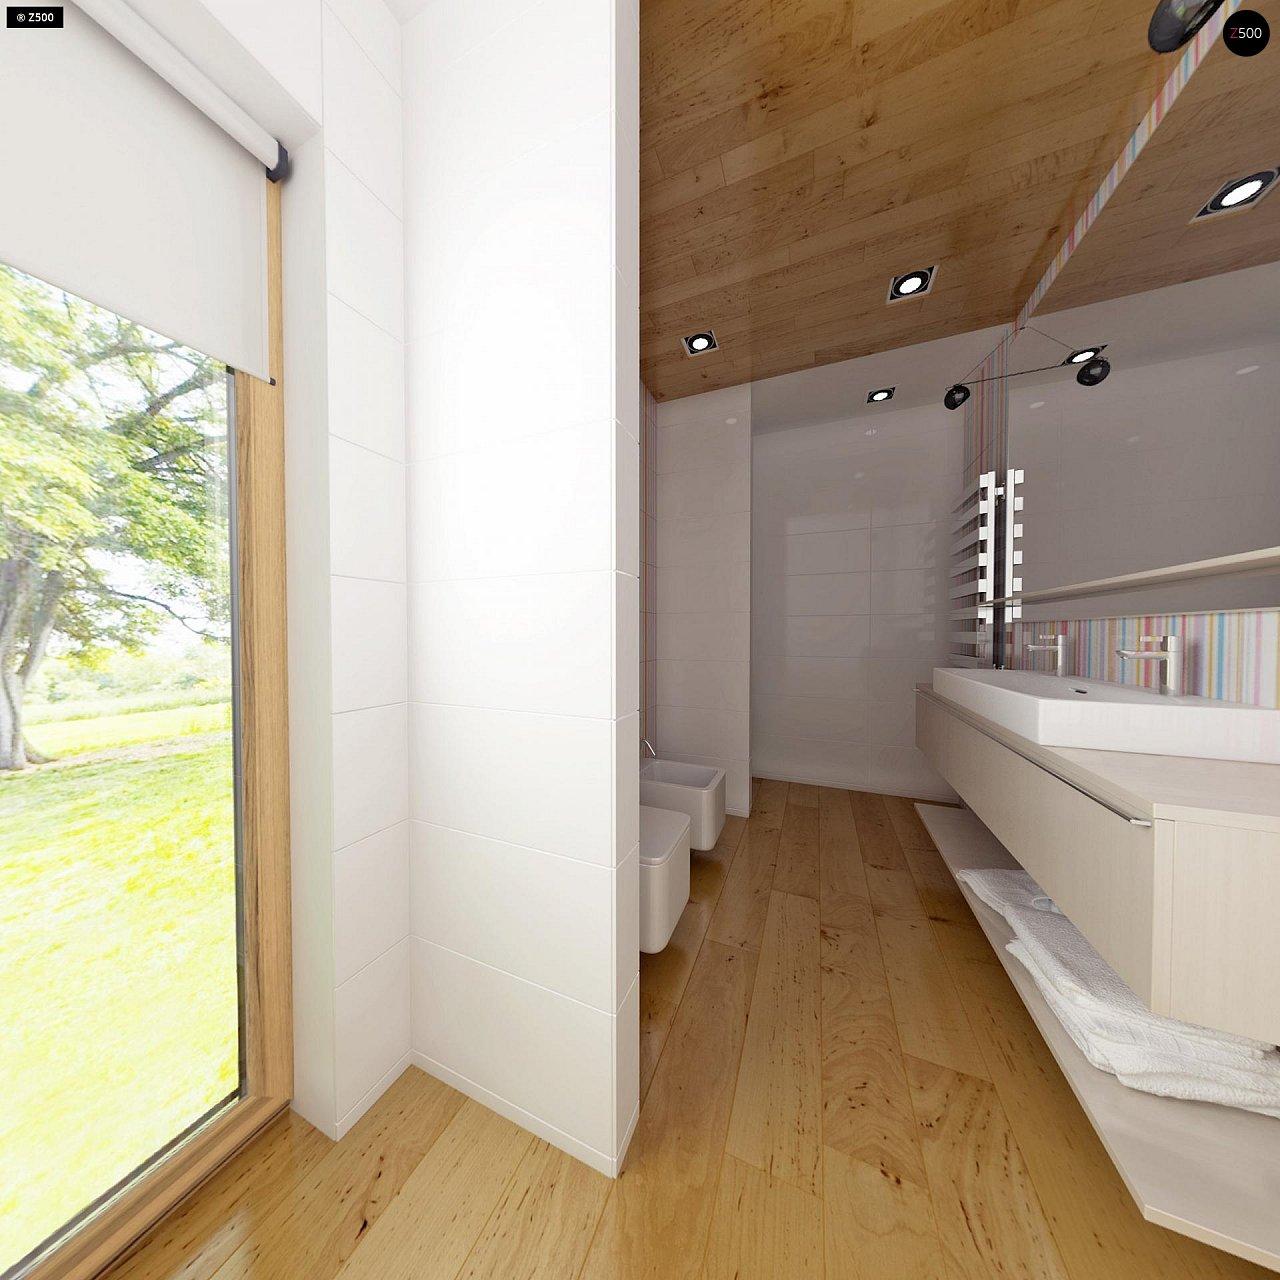 Комфортный современный дом с гаражом для двух авто и обширной террасой на втором этаже. - фото 16